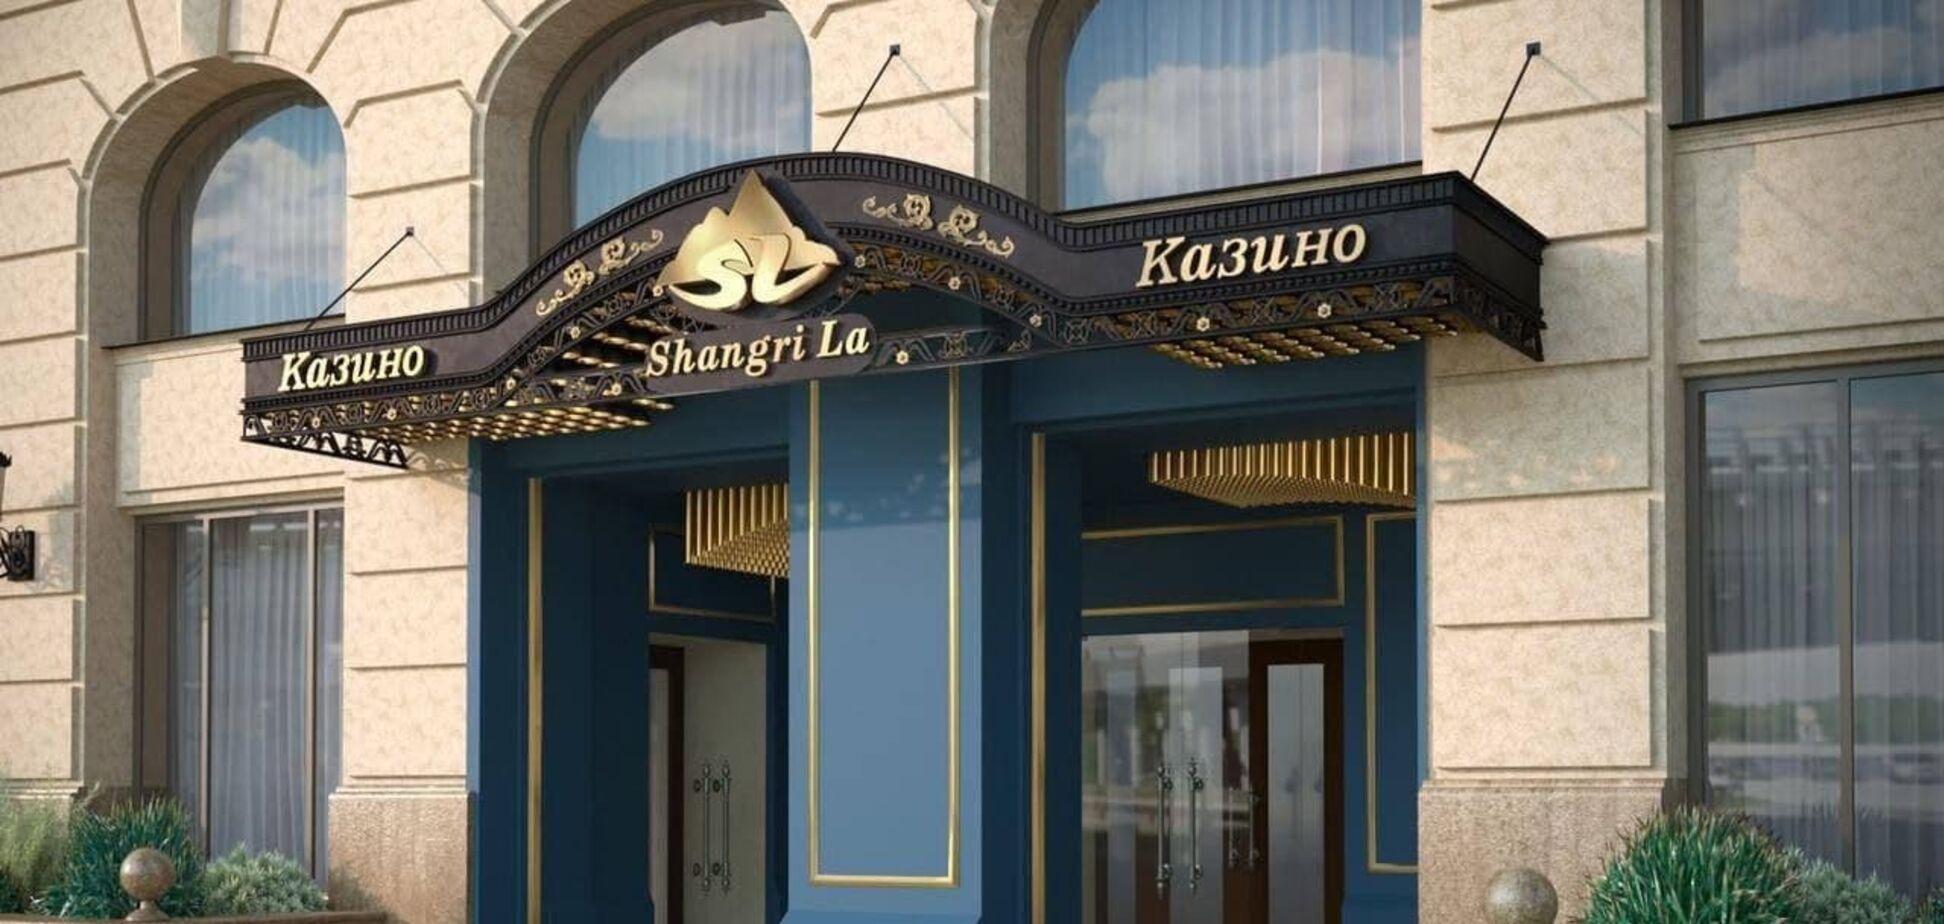 У столичному 'Фейрмонт' відкриється казино 'Shangri La'